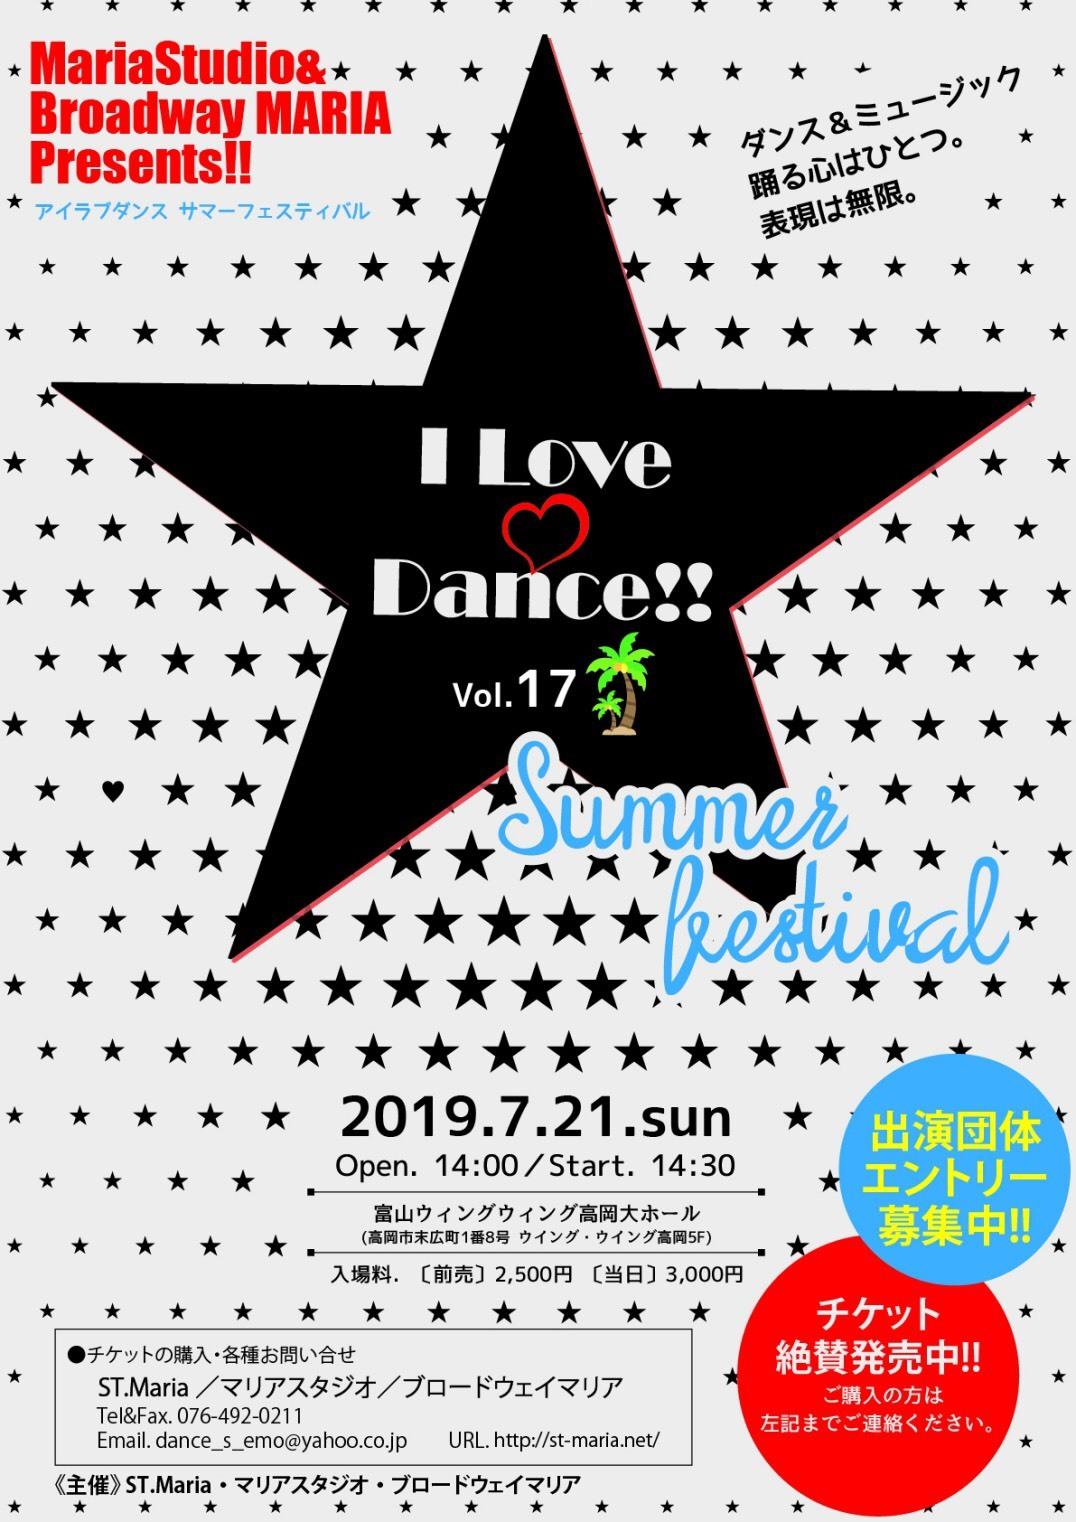 I LOVE DANCE Summer Festival ダンスライブ開催します 7月21日(日)_c0201916_23223202.jpg